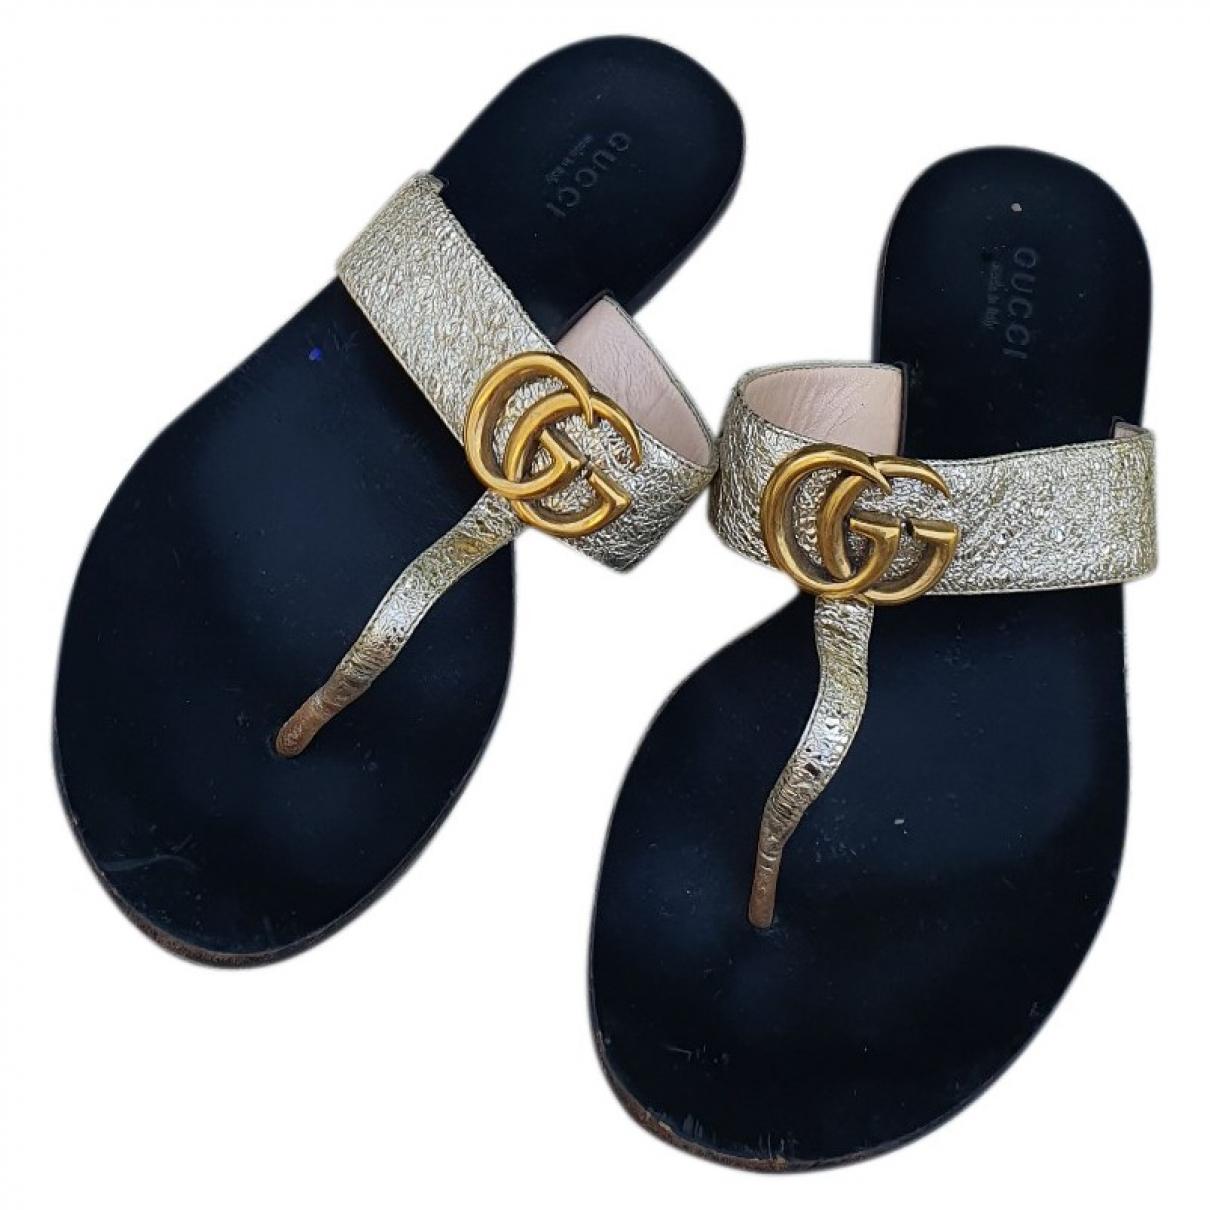 Gucci - Sandales Double G pour femme en cuir - dore